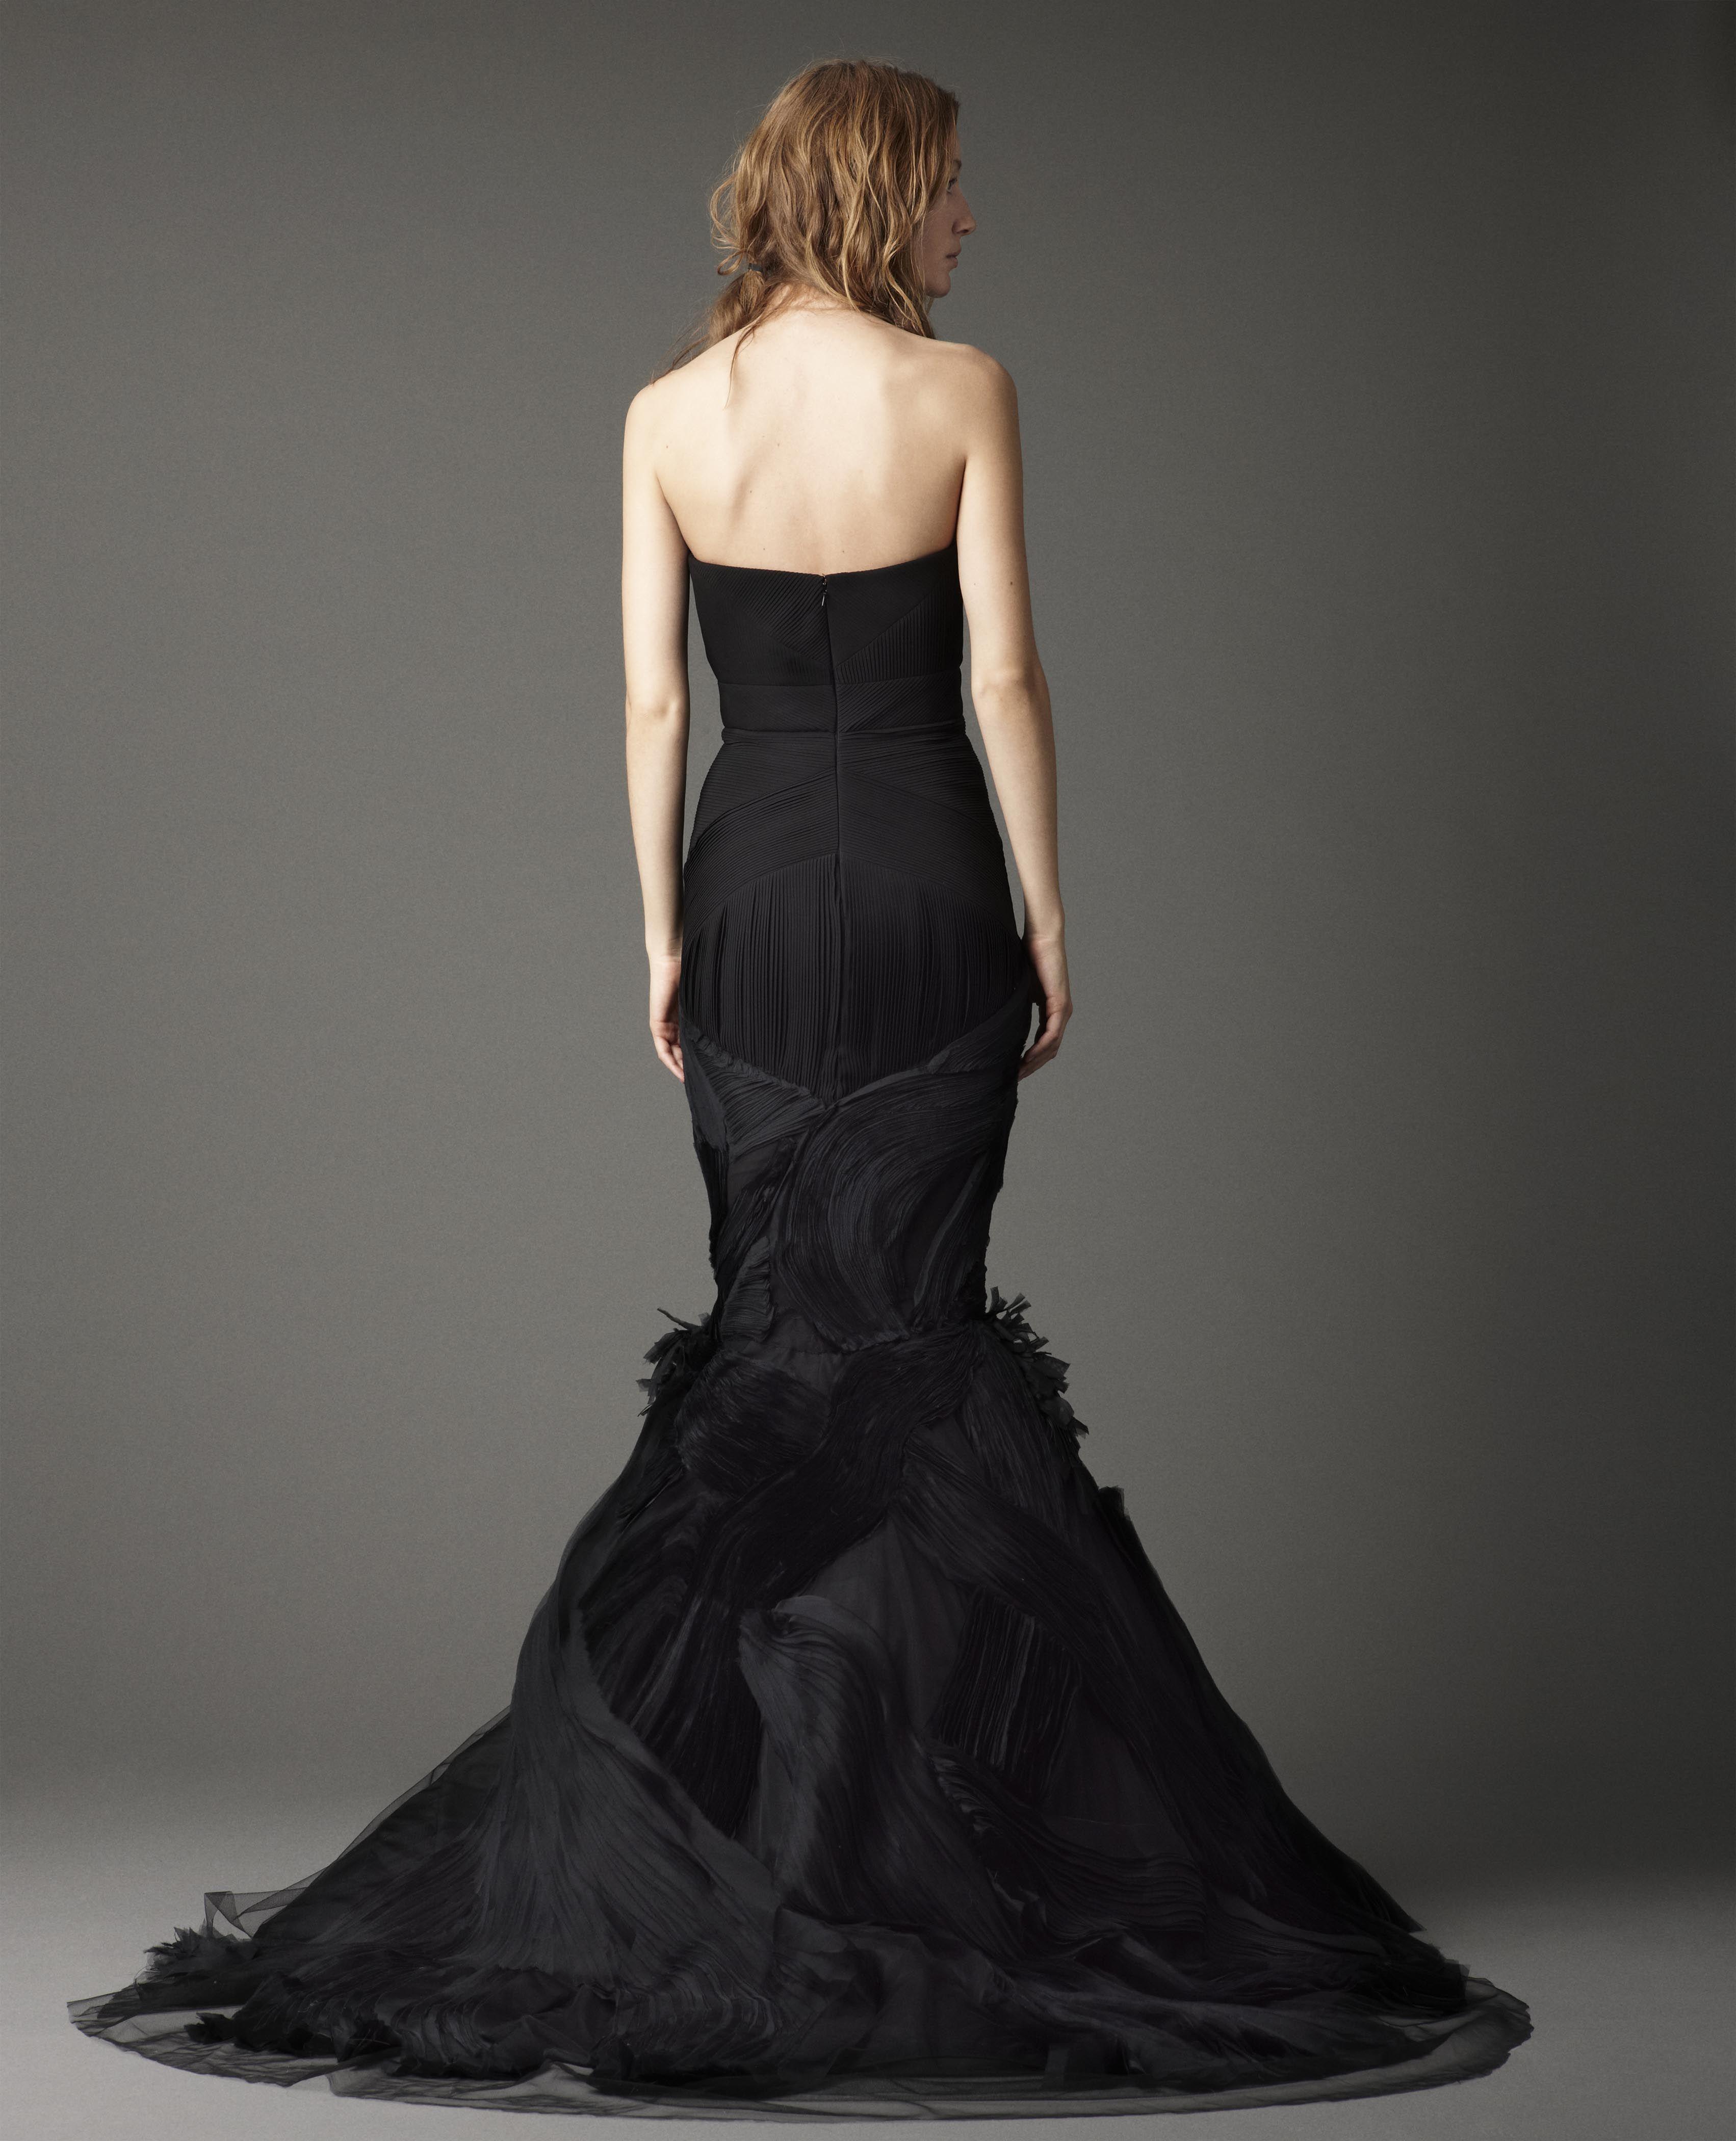 153cfd80bf69 Black Weddings, Black Wedding Gowns, Wedding Dress 2013, Gothic Wedding,  Steampunk Wedding